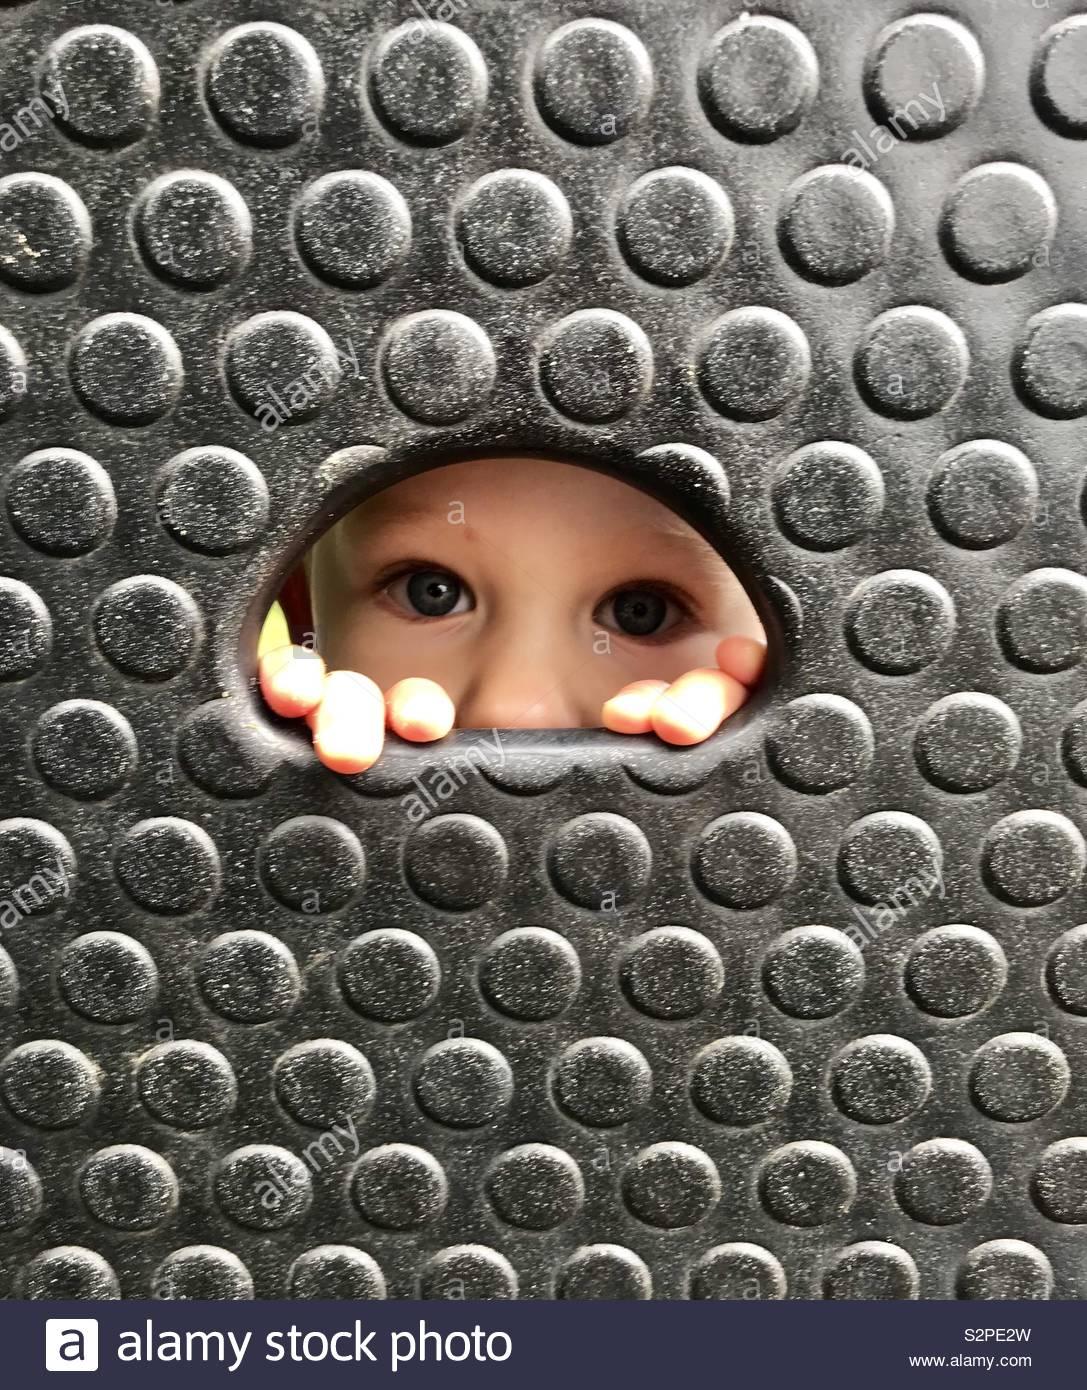 Ein Kleinkind Peers durch eine kletternde Bohrung auf einer Jungle Gym. Stockfoto